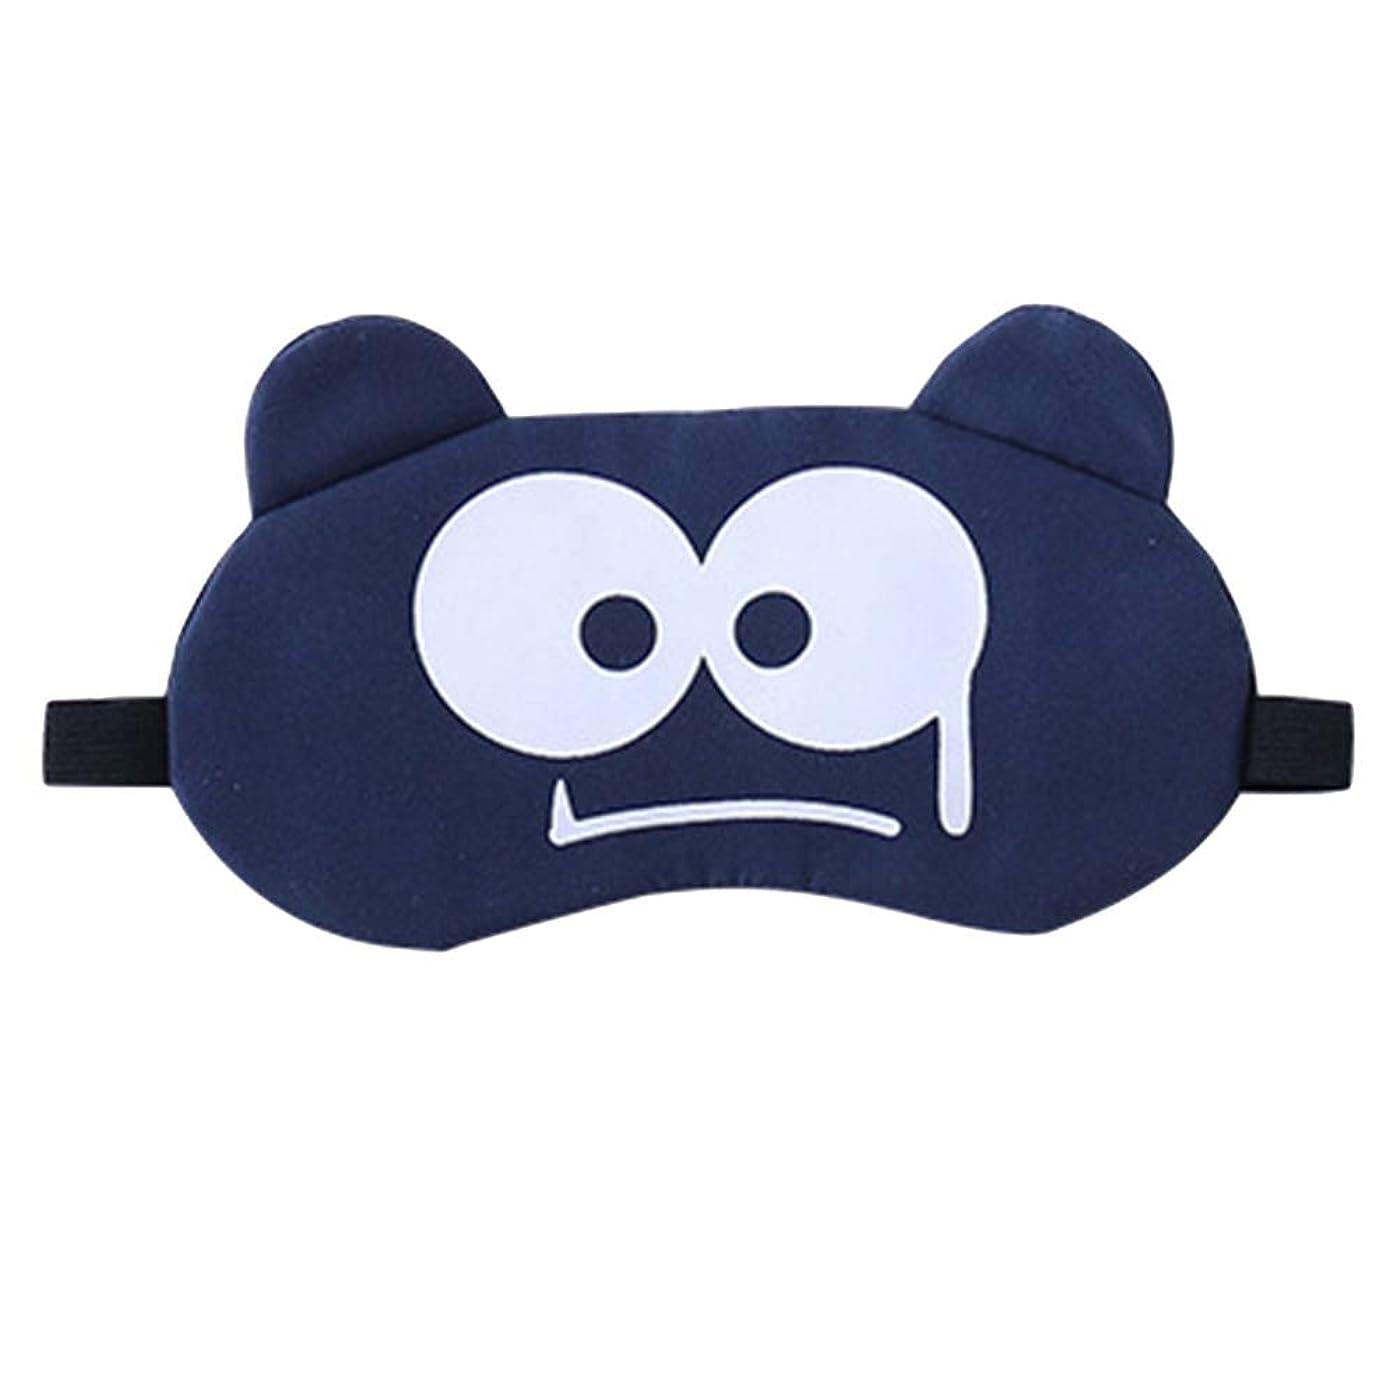 マイクロオープナーレビュアーLurrose 冷却アイマスク日陰昼寝カバー面白い目隠し休憩援助疲労軽減通気性アイパッチ